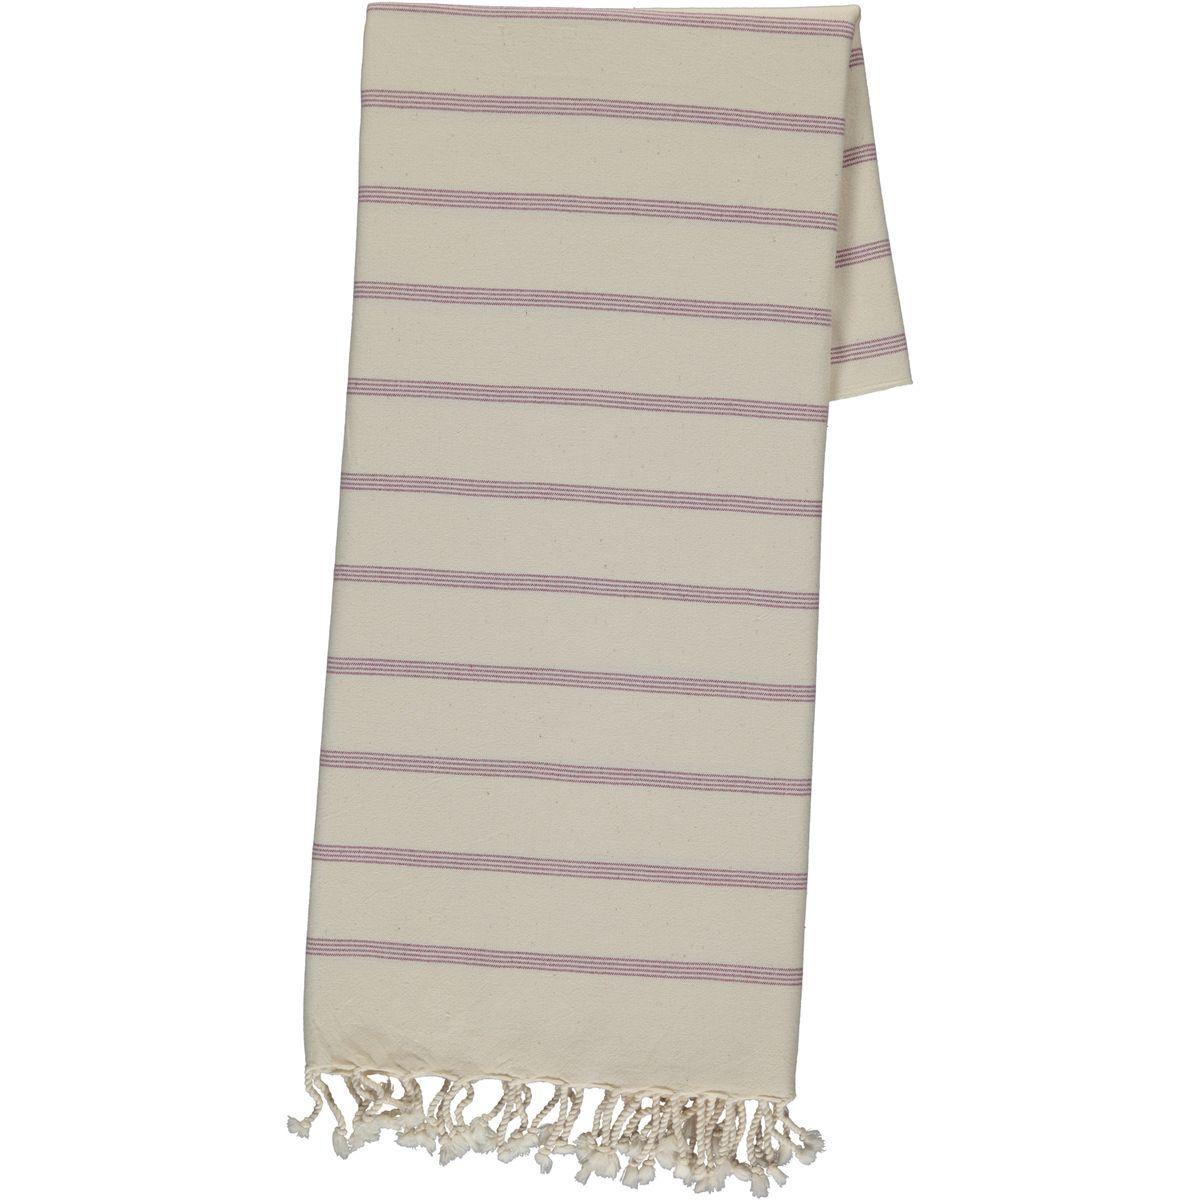 Peshtemal Carcar - Light Purple Stripes